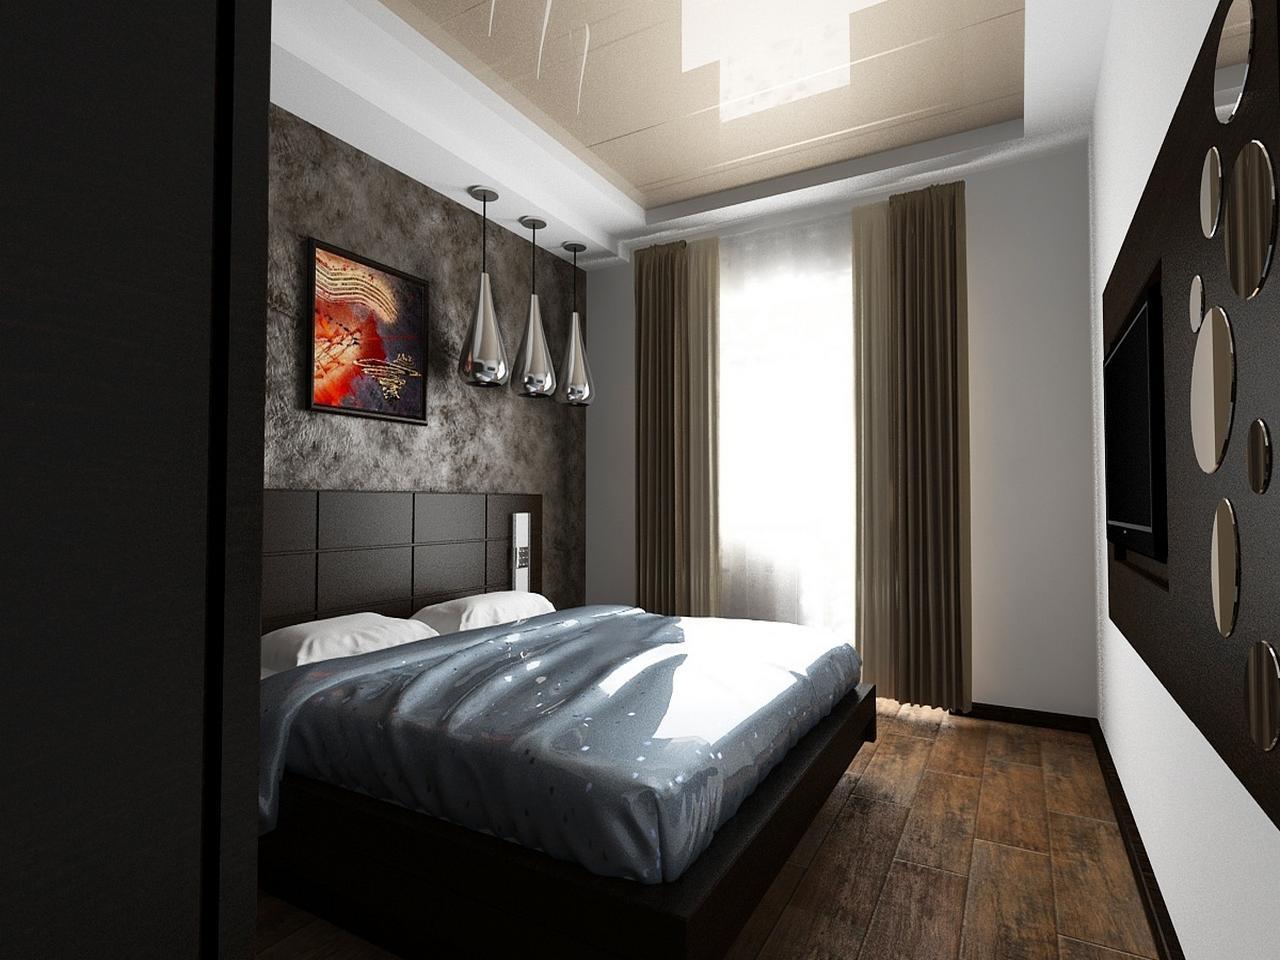 Идеи ремонта спальни фото в небольших квартирах: варианты в маленькой 337